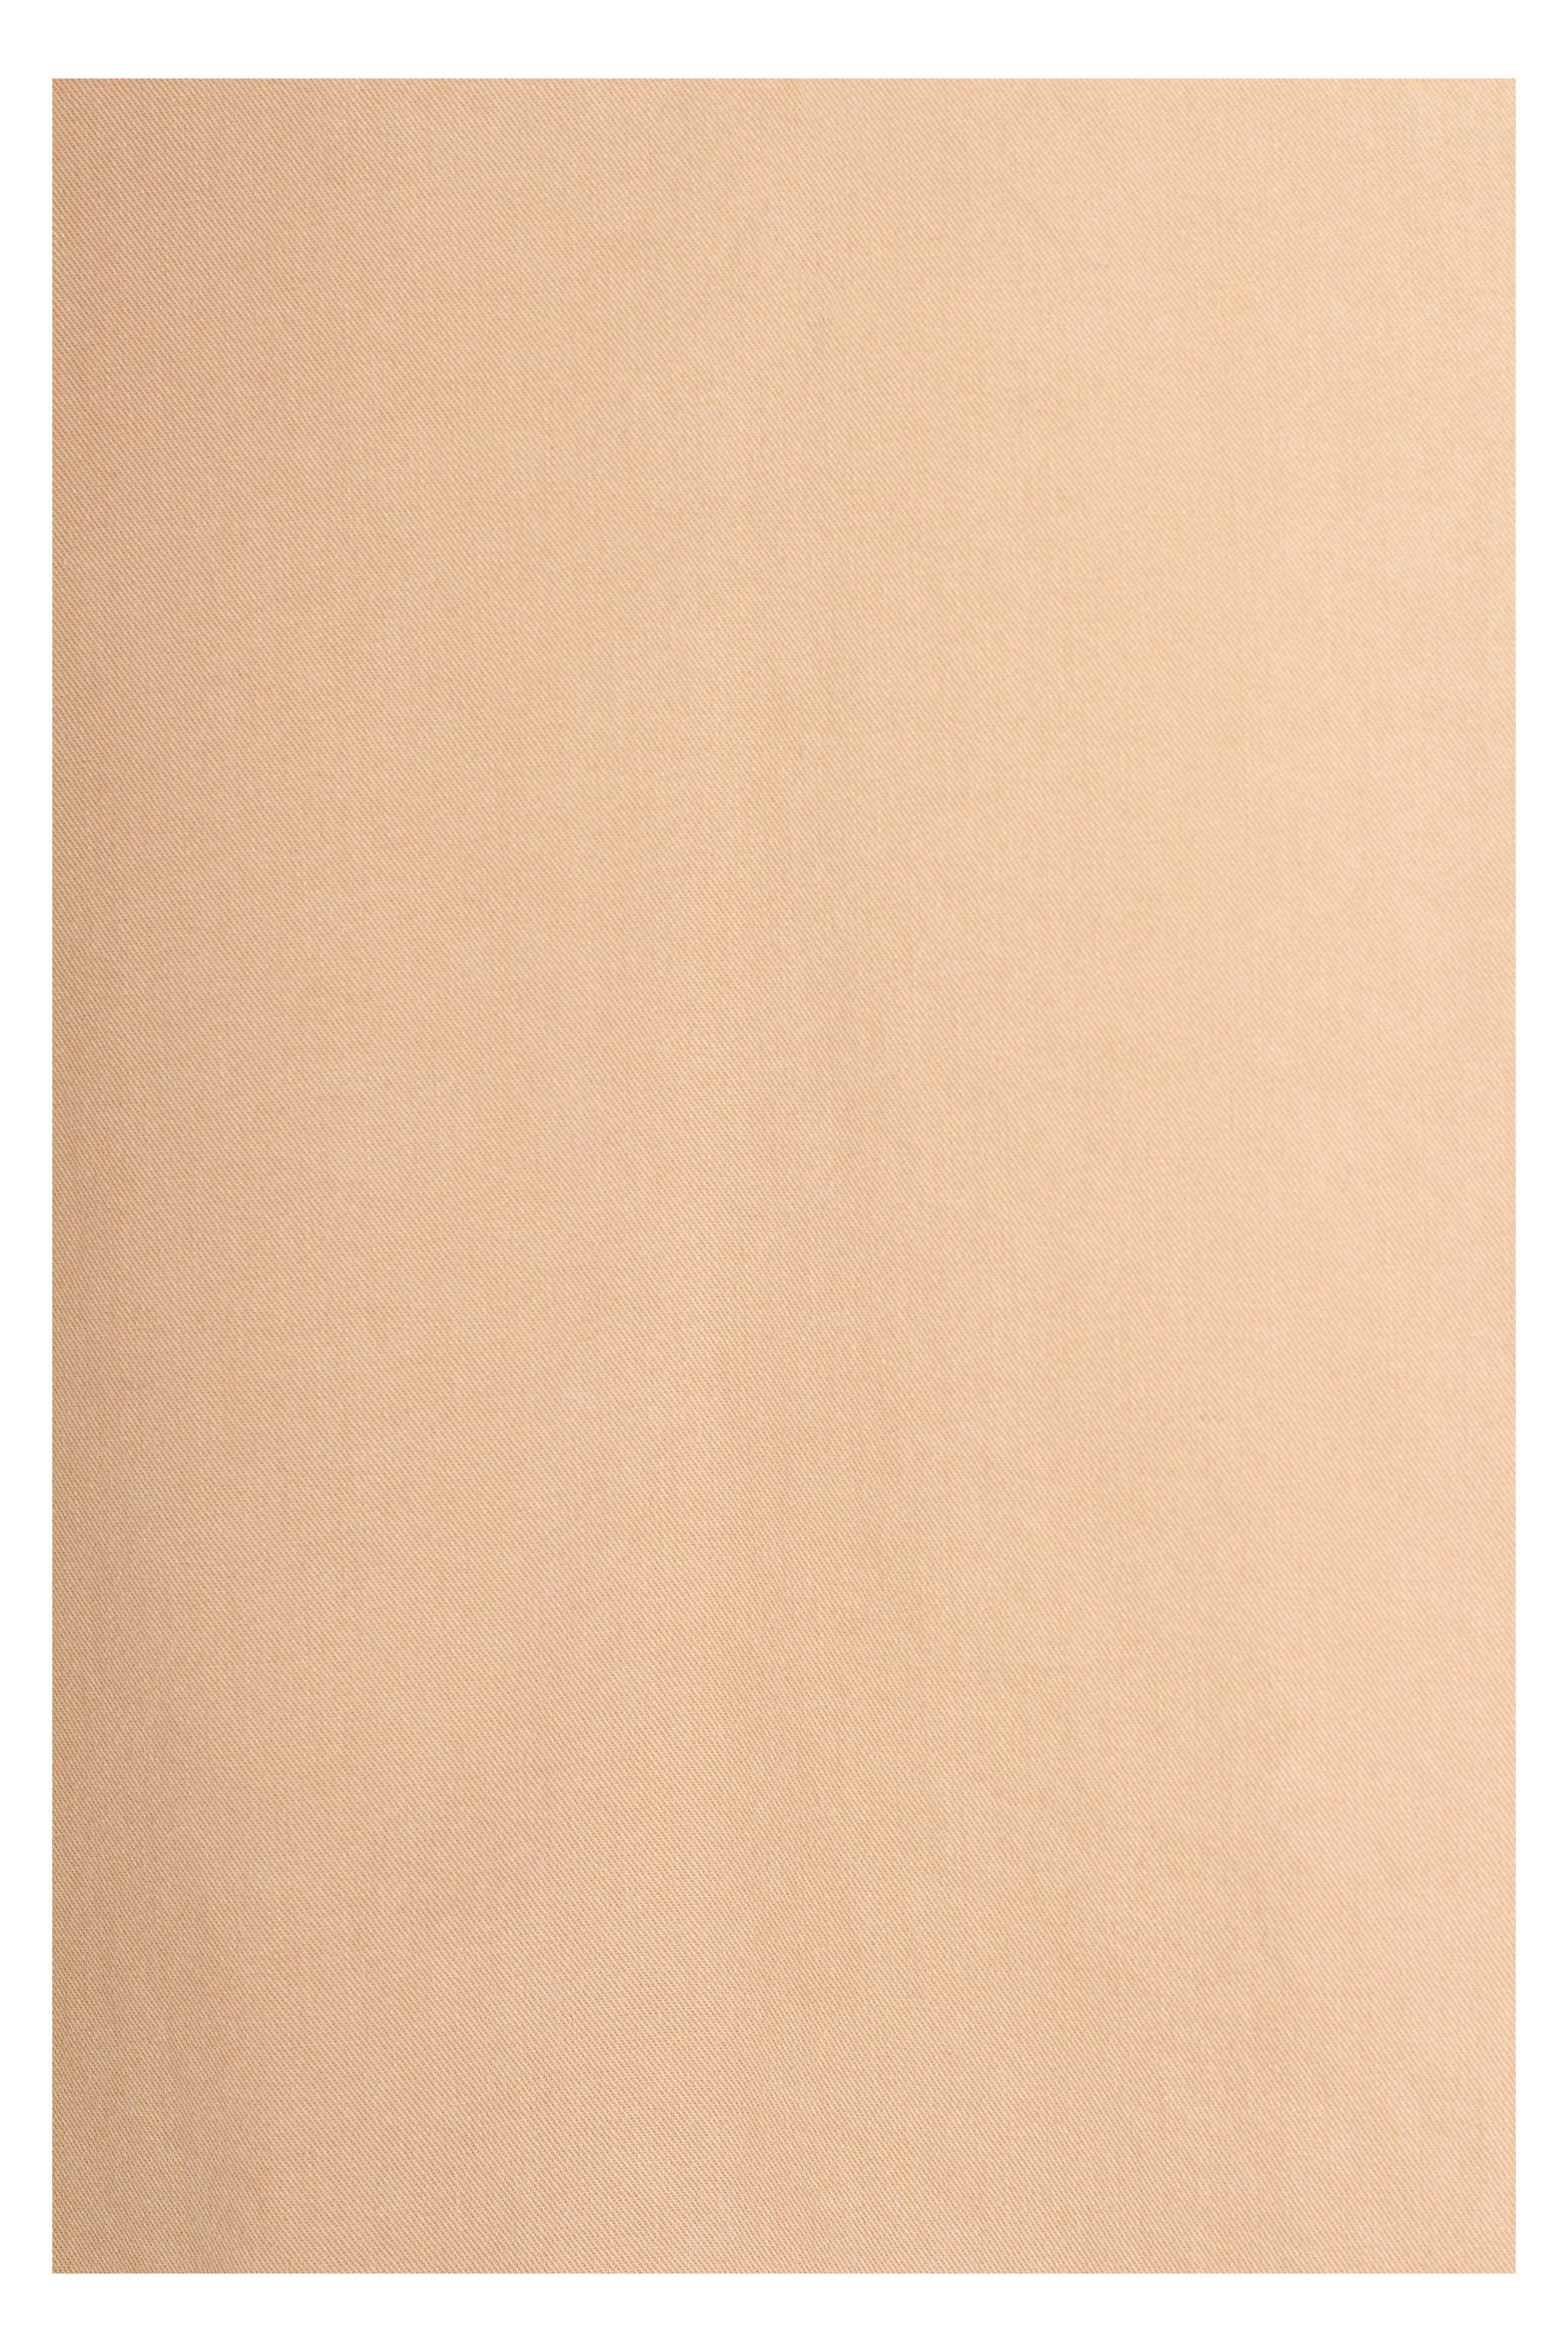 camel-active-Herren-Jacke-Blouson-auffaelliger-Futterprint-100-Baumwolle-NEU